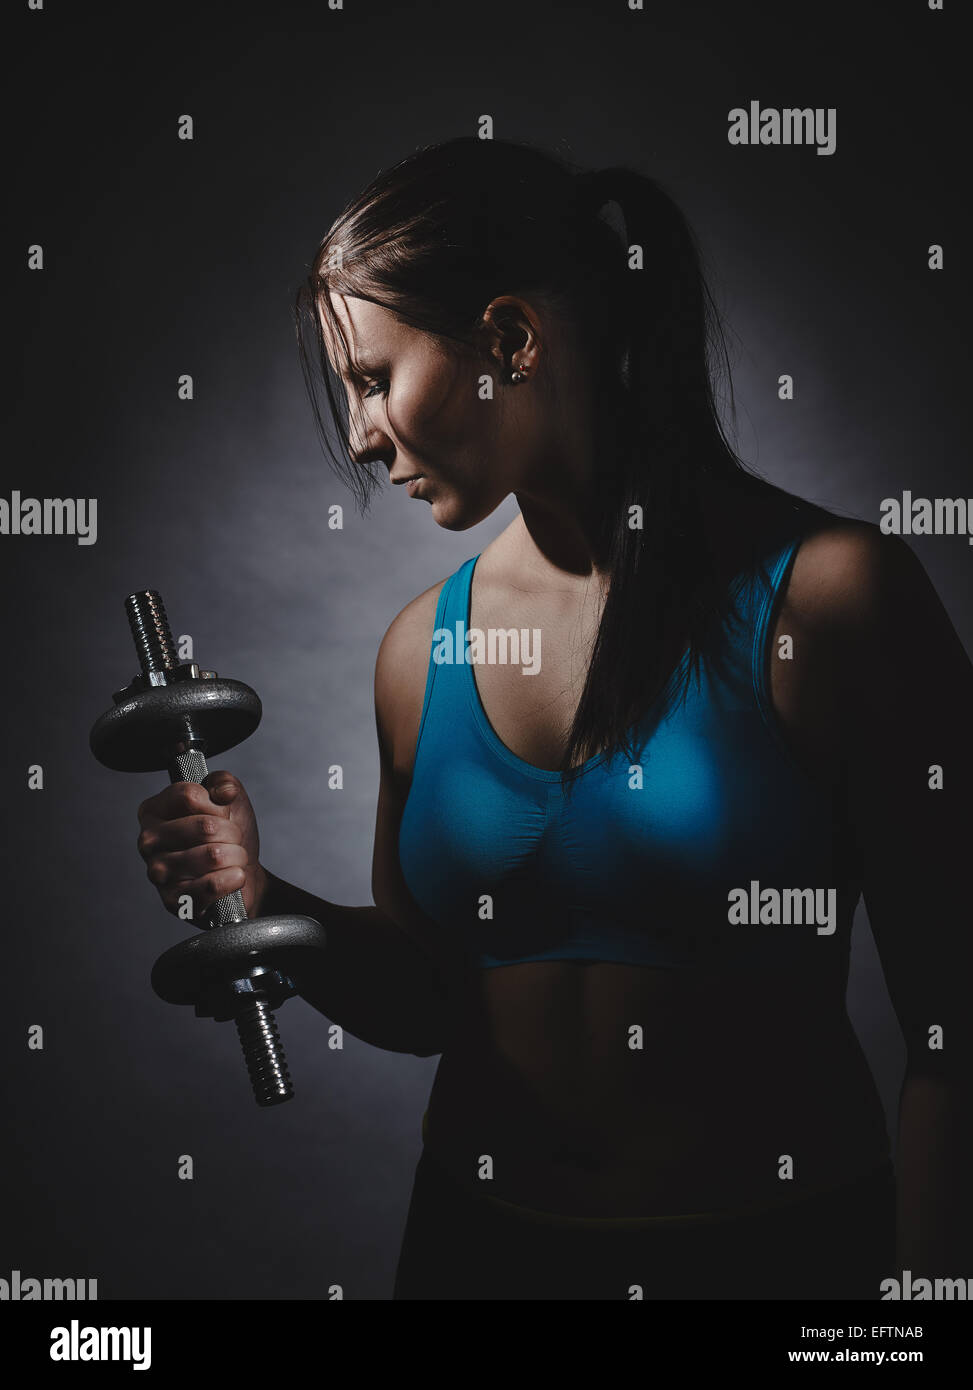 L'haltérophilie, la jeune femme portant des vêtements de sport et elle l'exercice, studio shot, Photo Stock